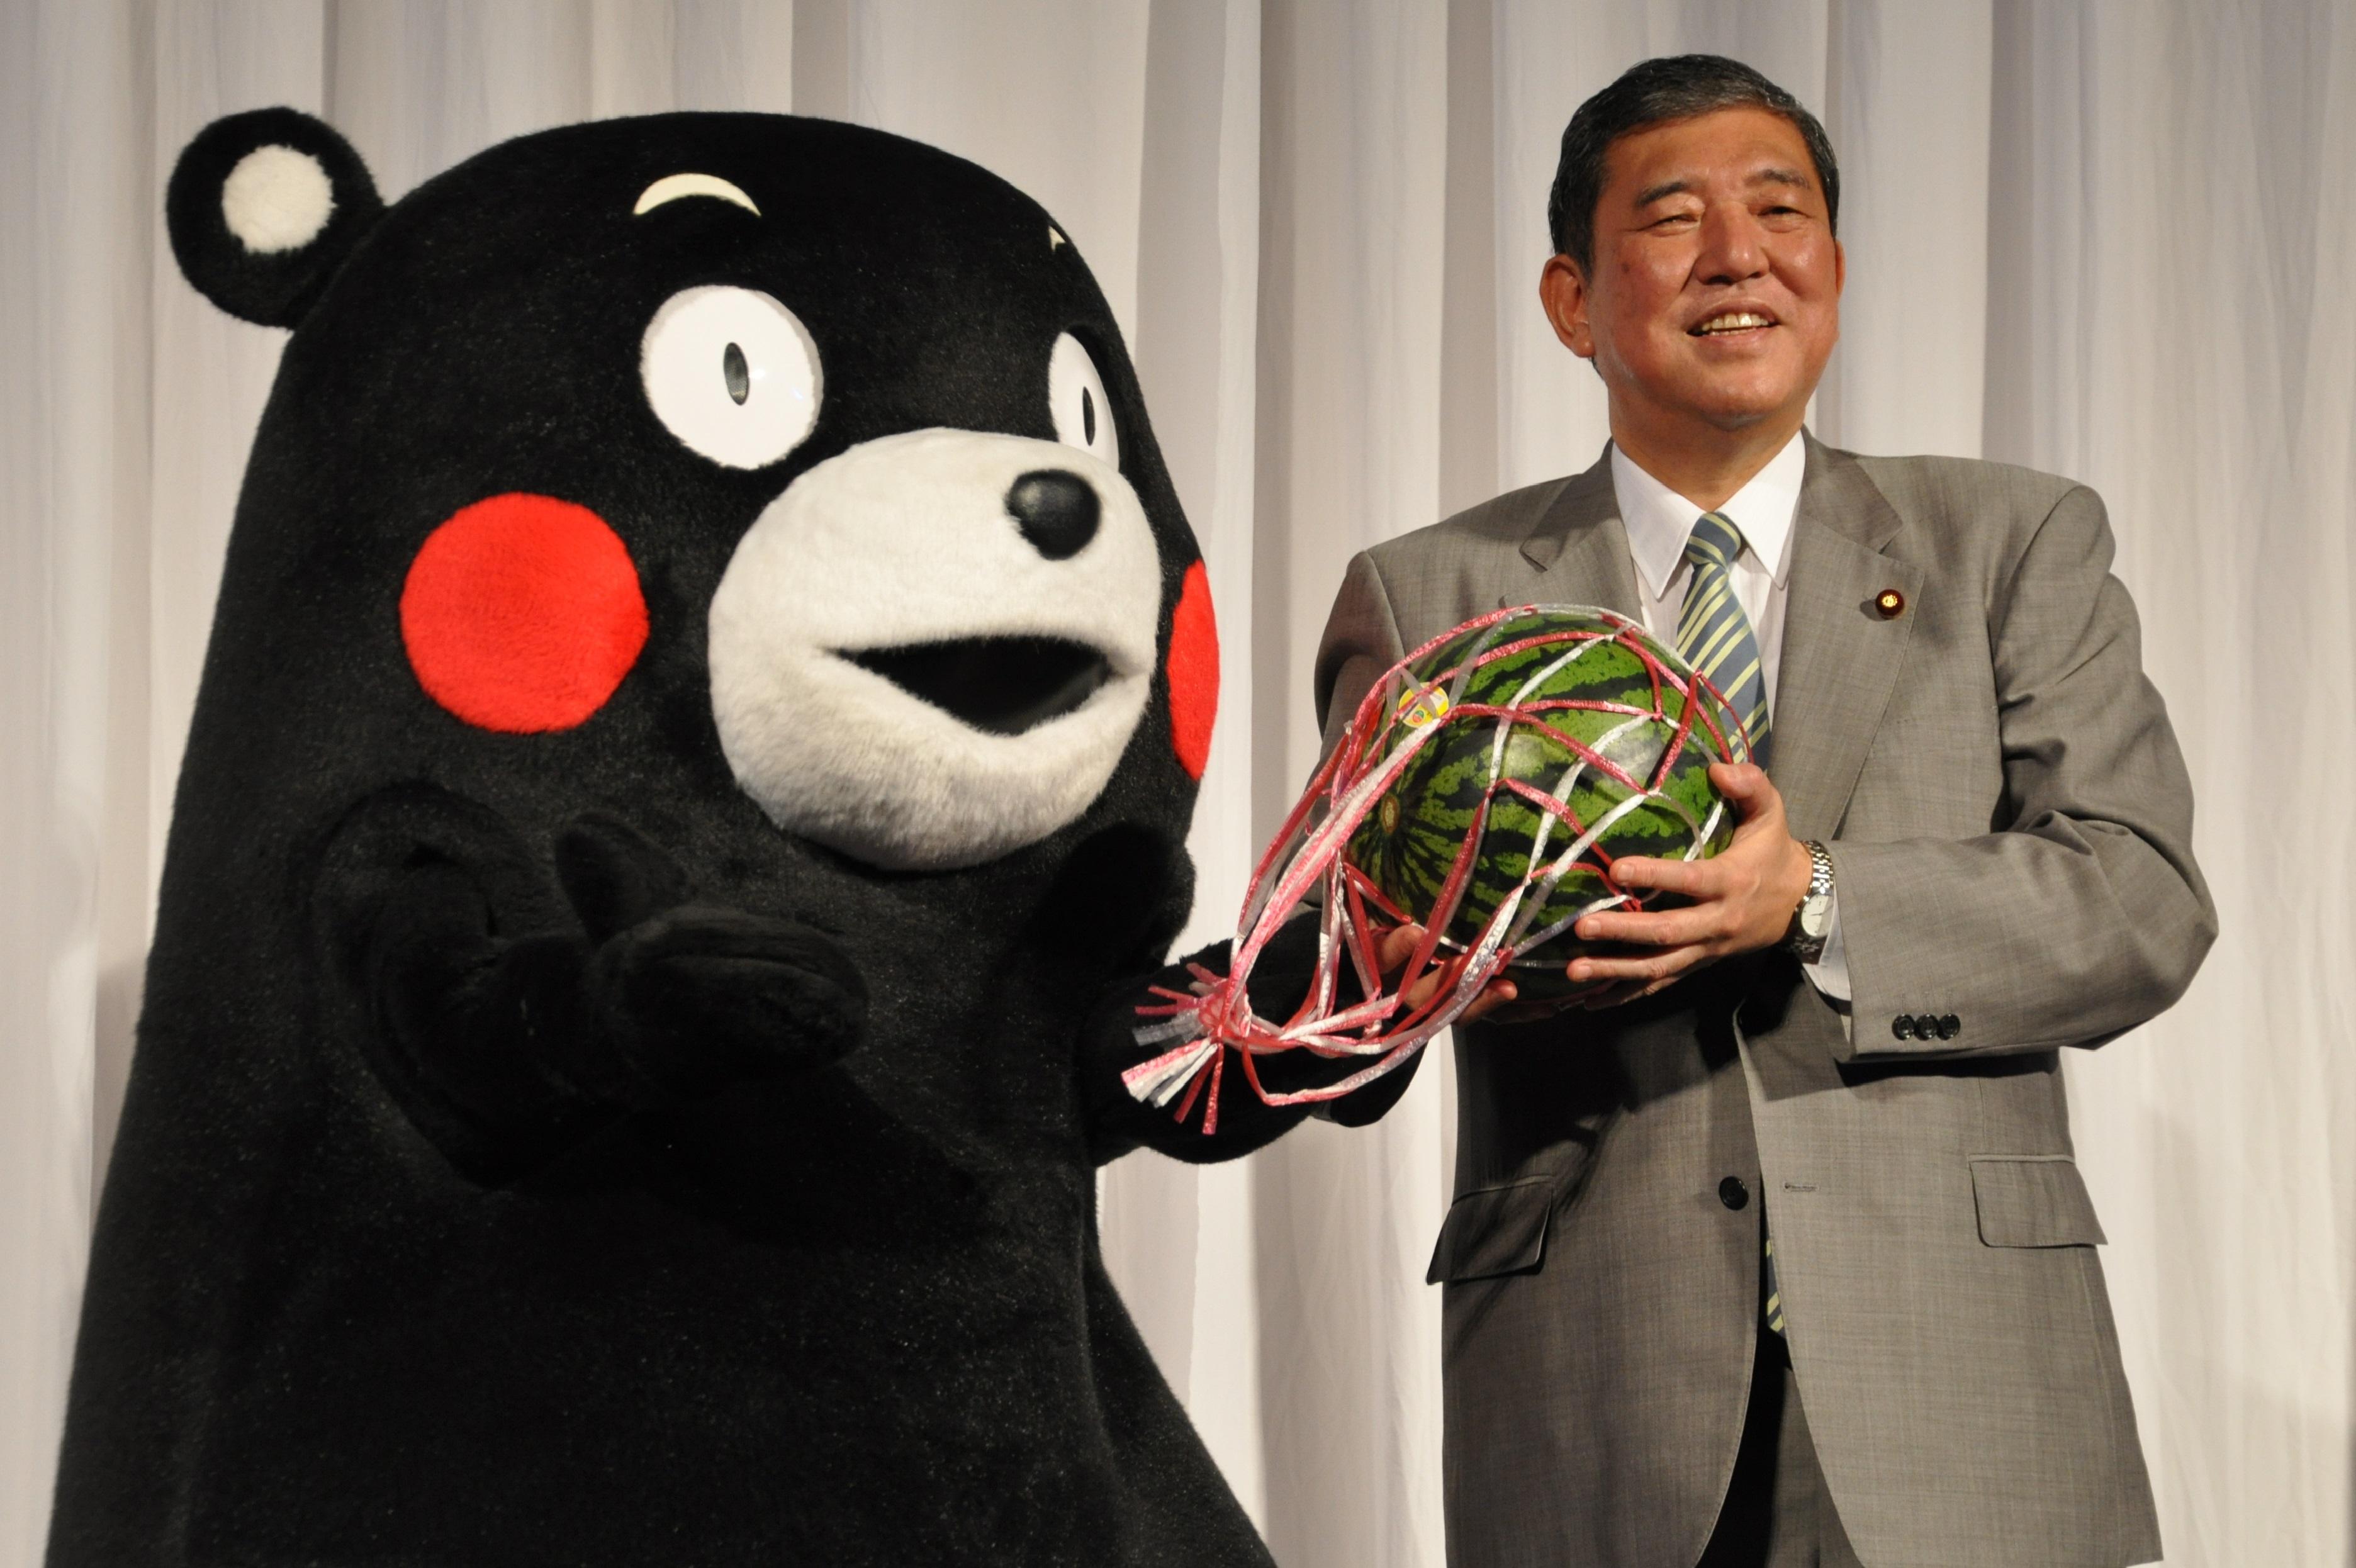 くまモンからスイカを贈られた石破担当相(右)=東京都港区の東京ミッドタウン・ホールで